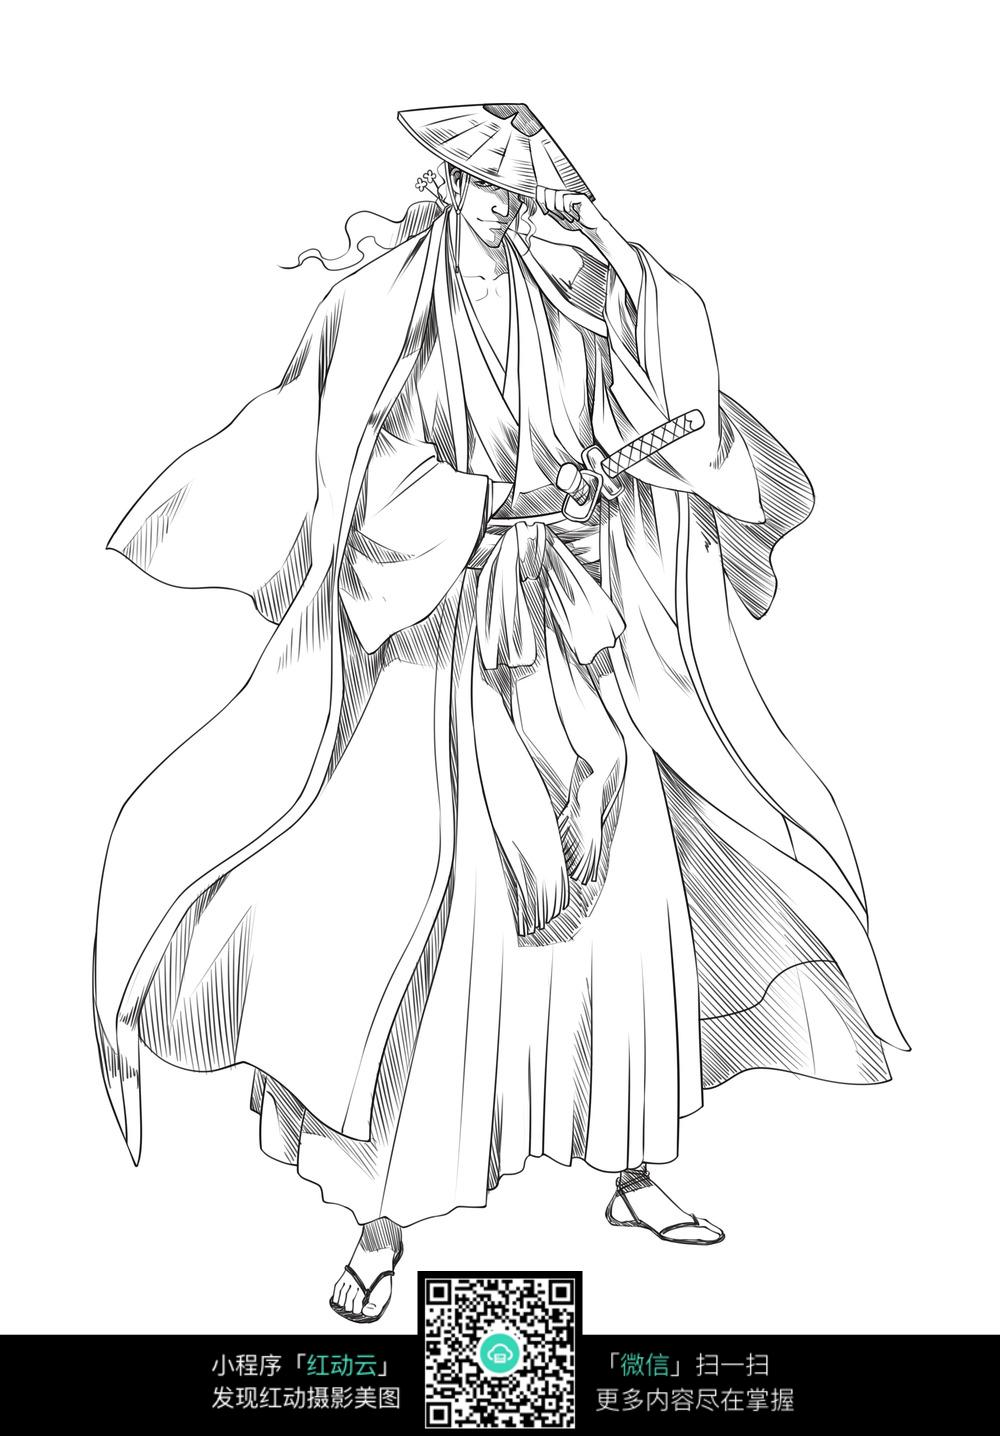 武士卡通手绘线稿